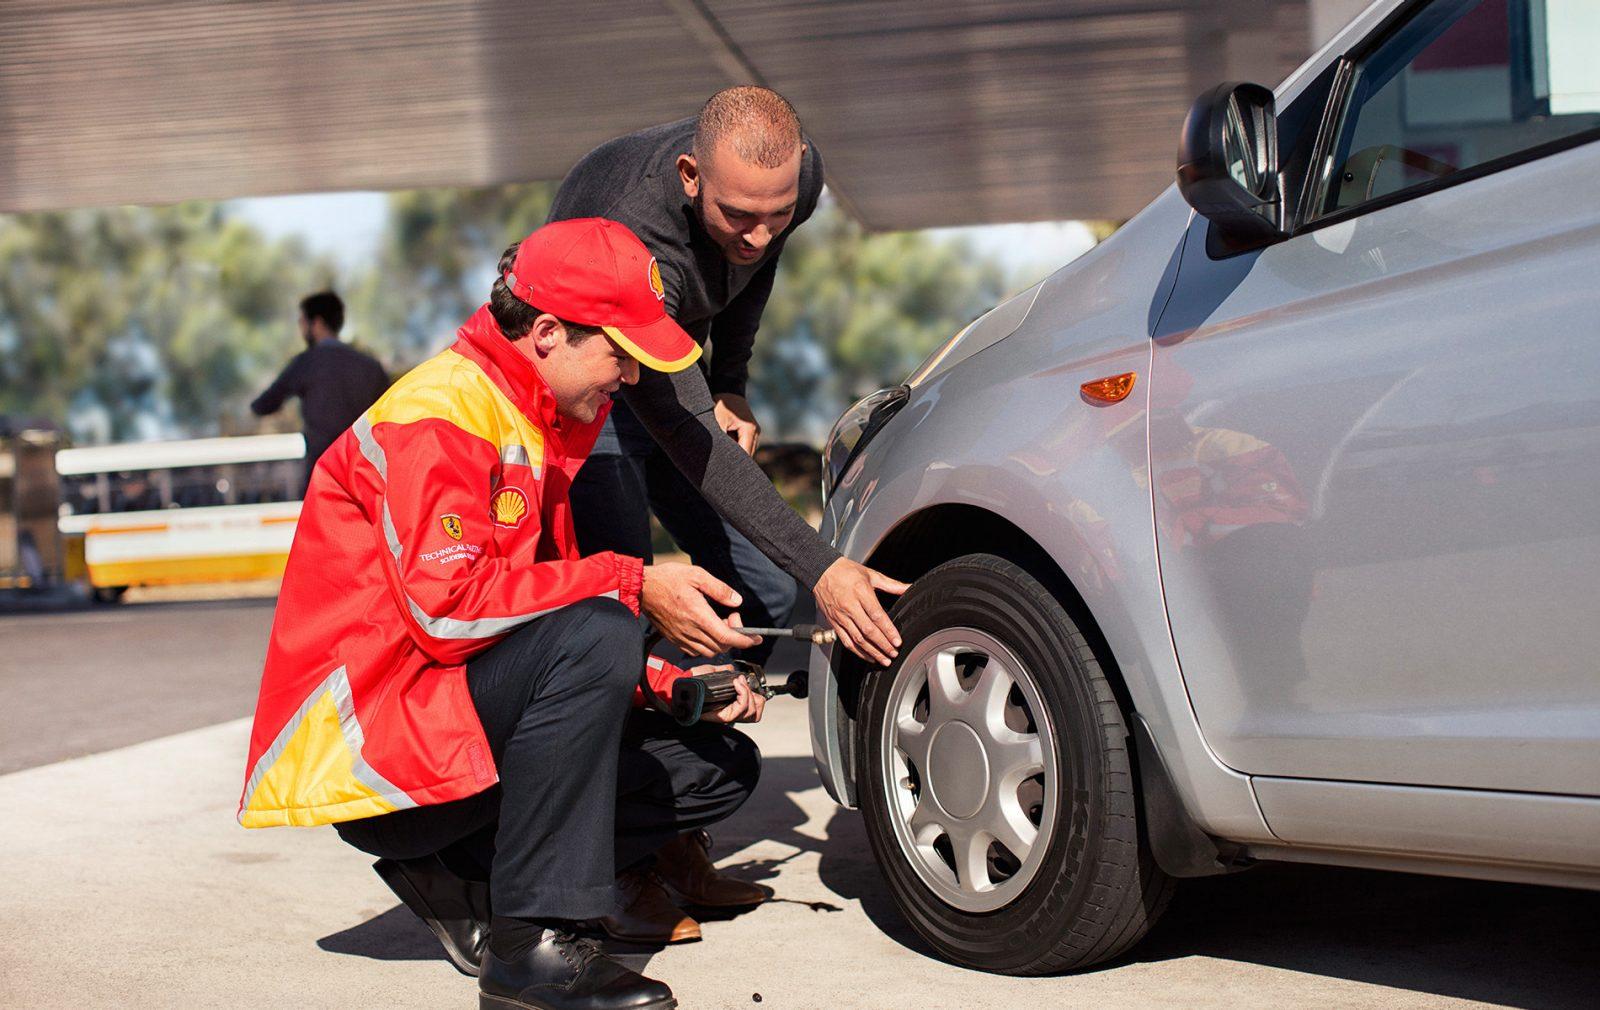 palvelumestari tarkastamassa rengaspaineita henkilöautosta shell-asemalla